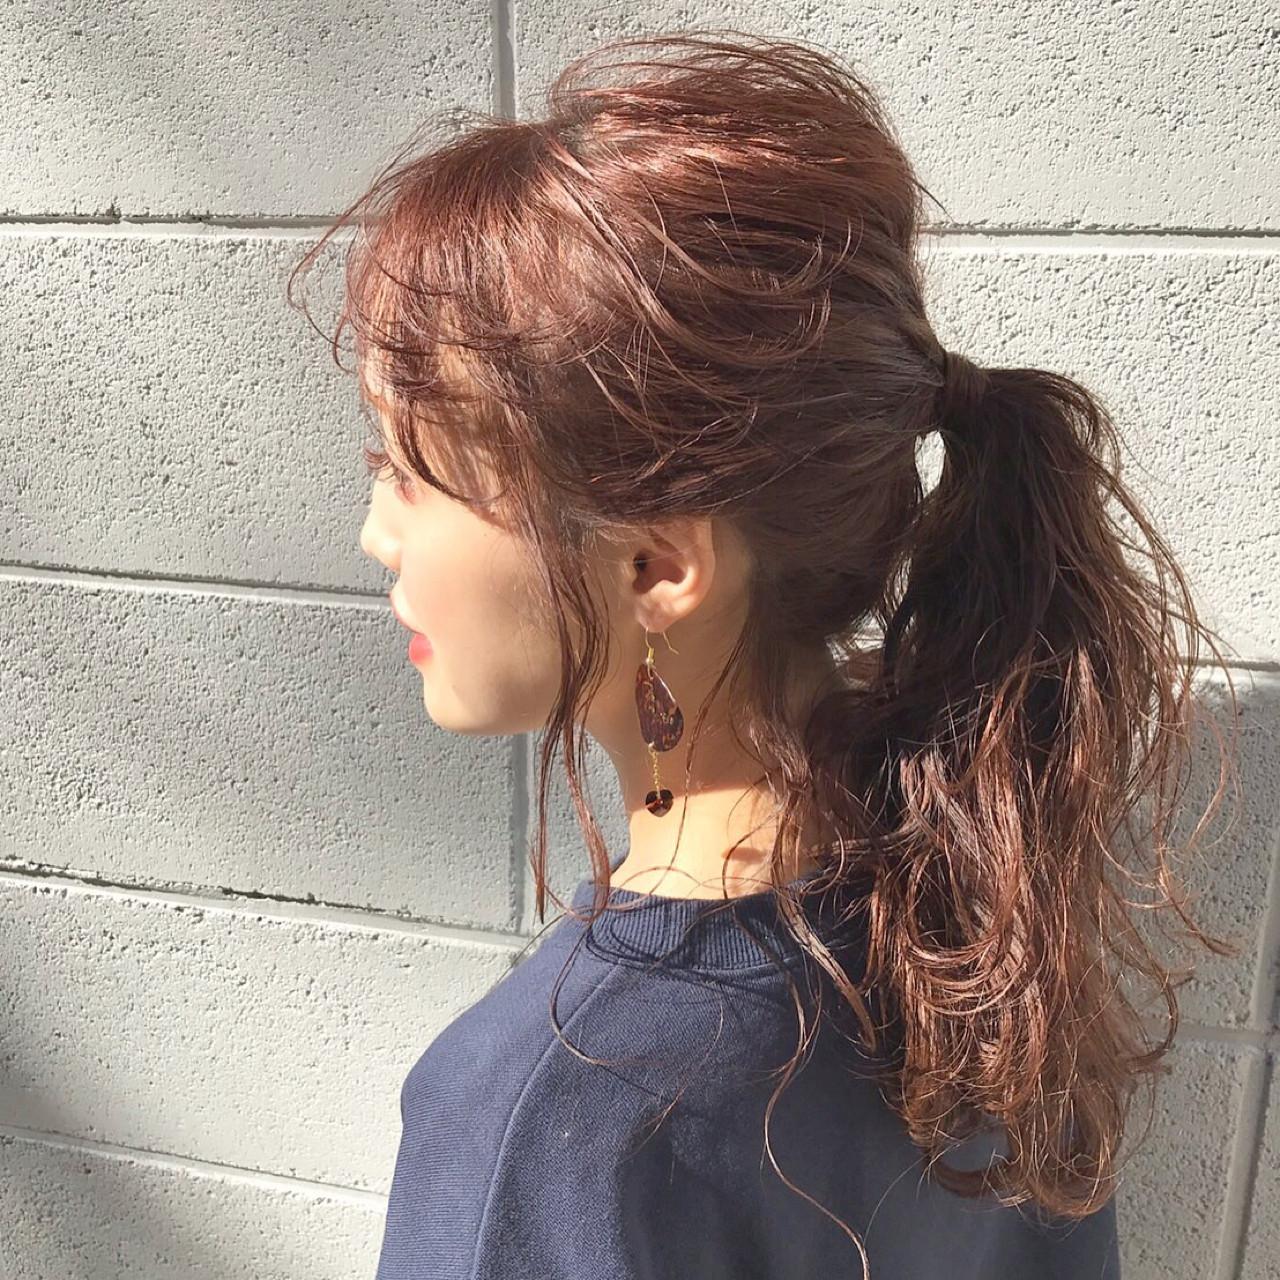 春夏気分な簡単髪型アレンジ♡ラフ&ルーズ感でこなれスタイル